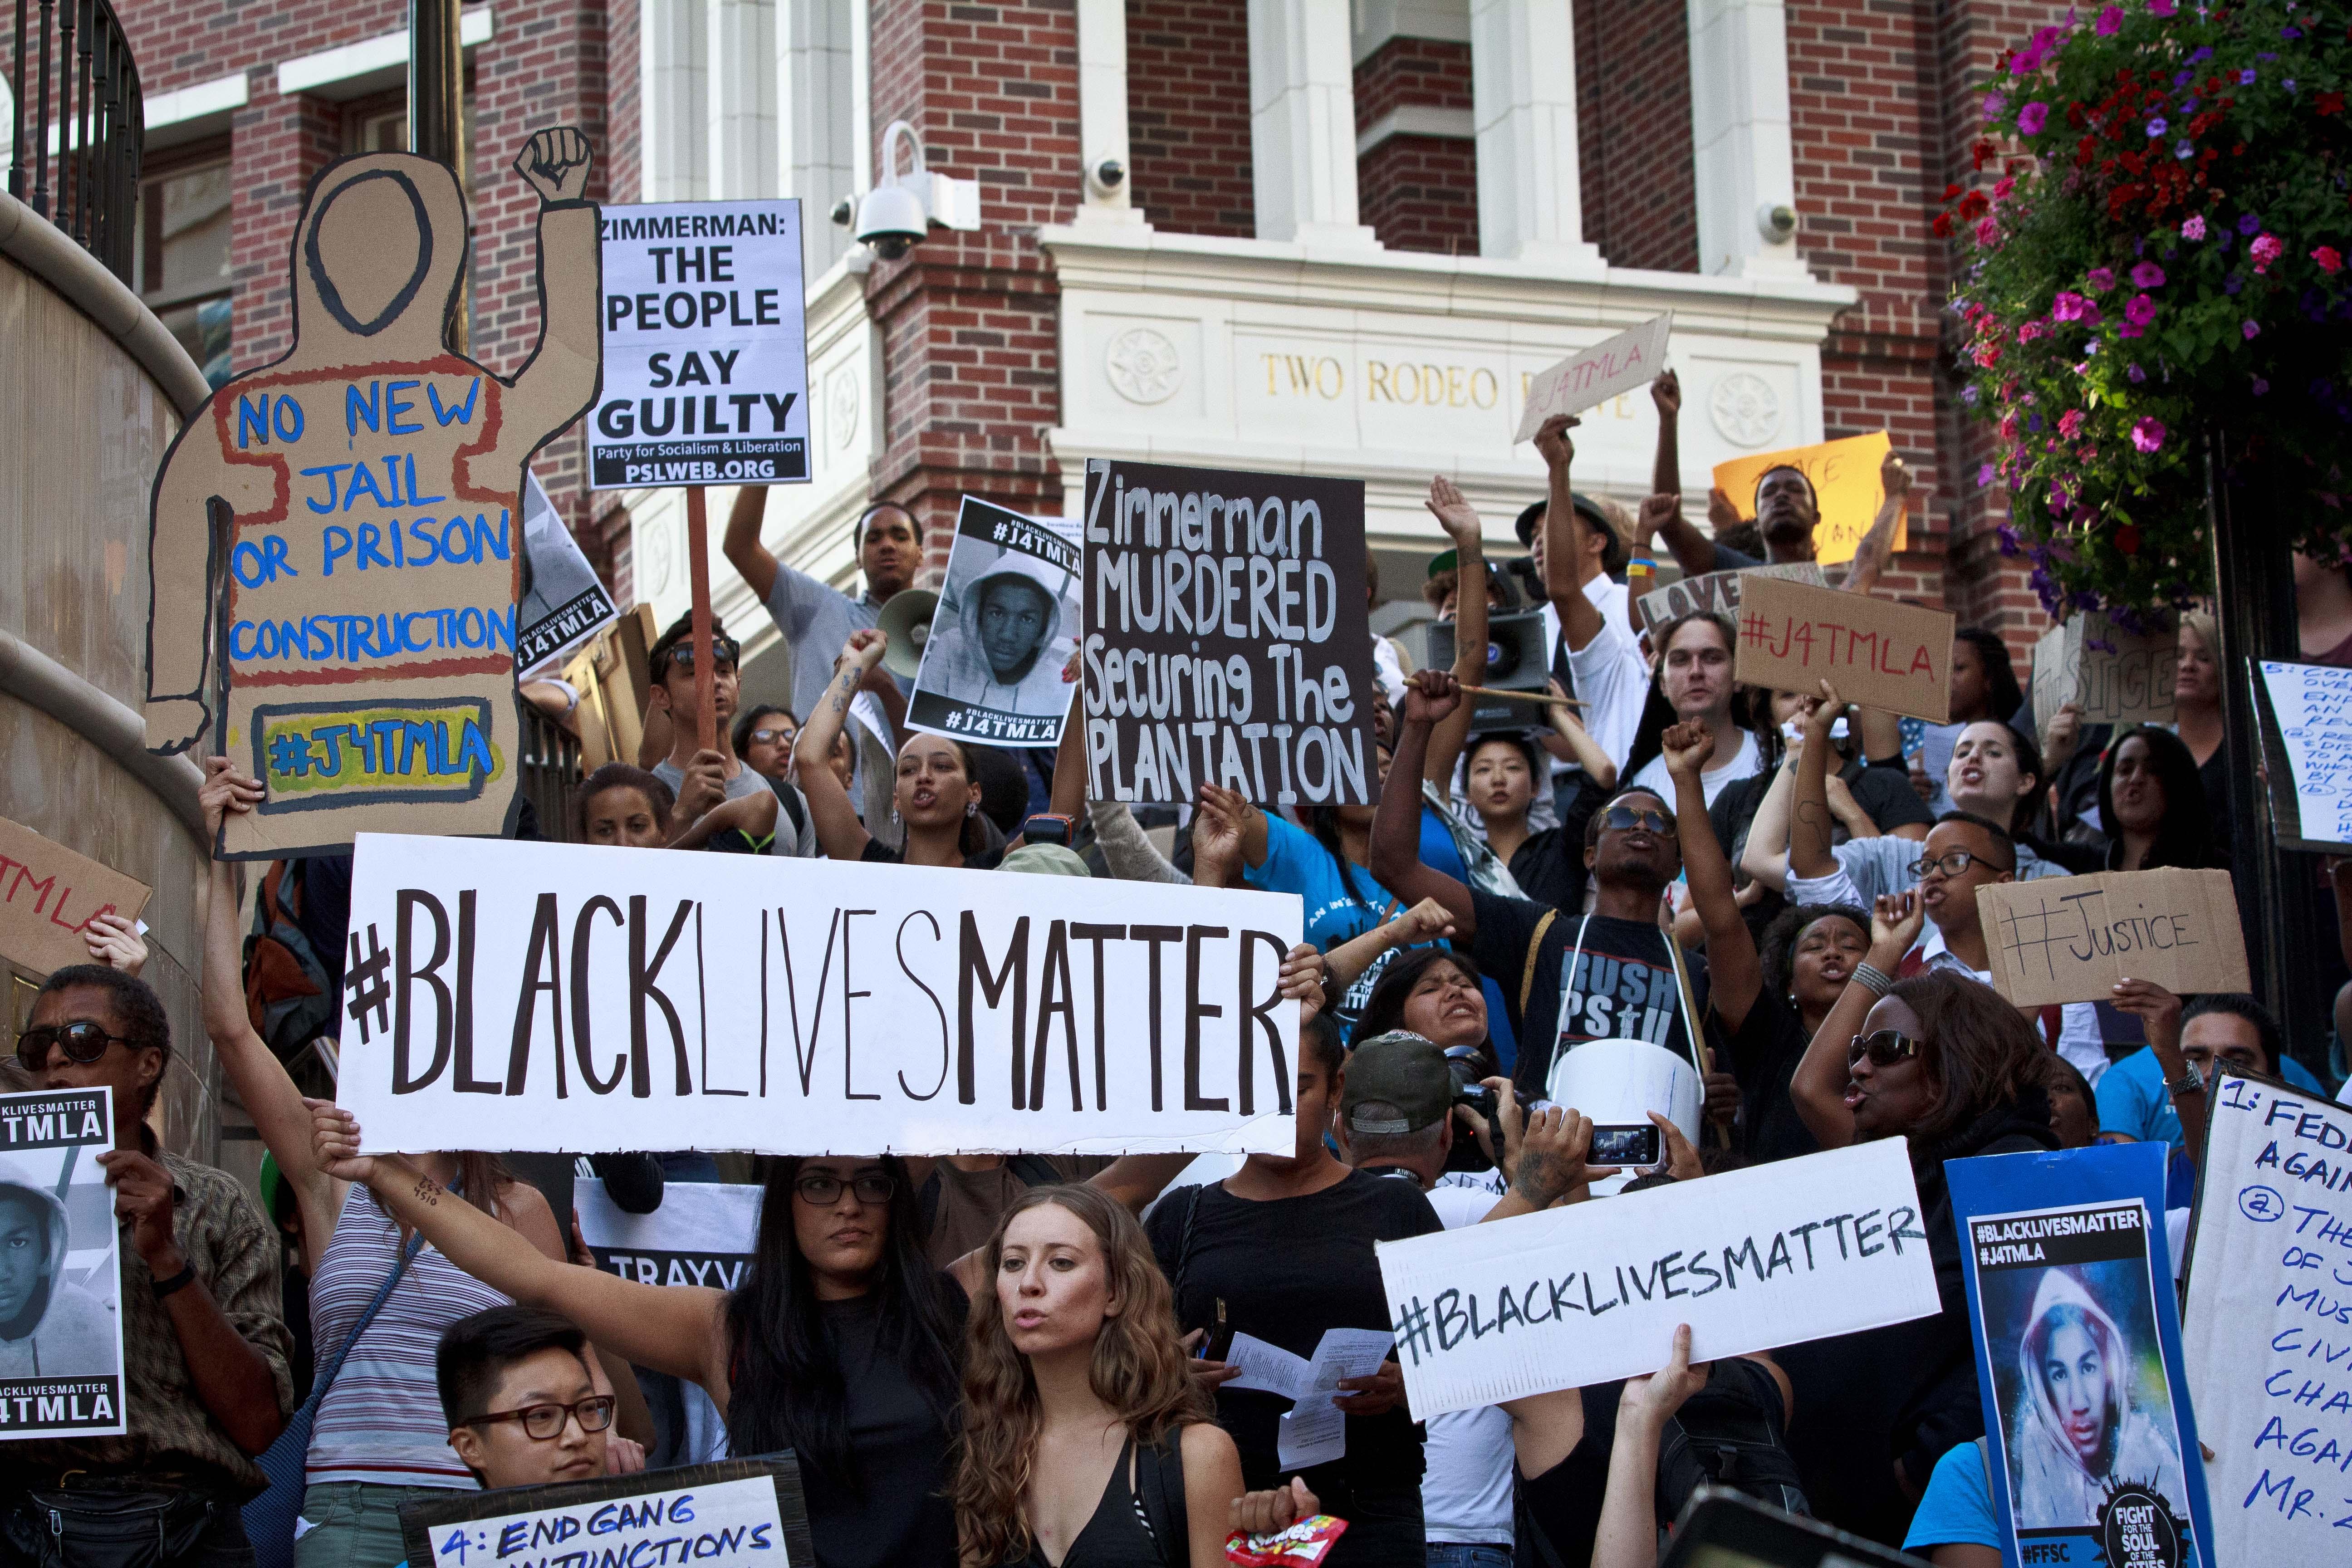 BlackLivesMatterConvening.jpg